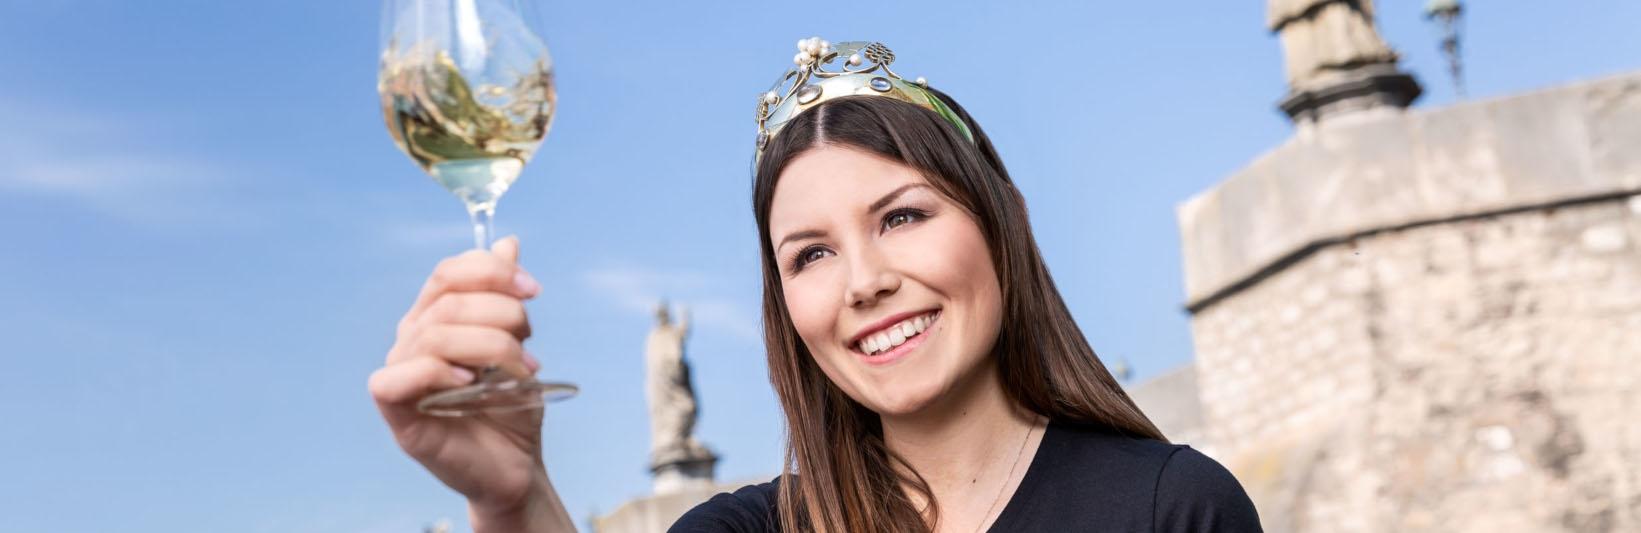 Fränkische Weinkönigin moderiert Weinprobe mit Staaehrenpreisträgern